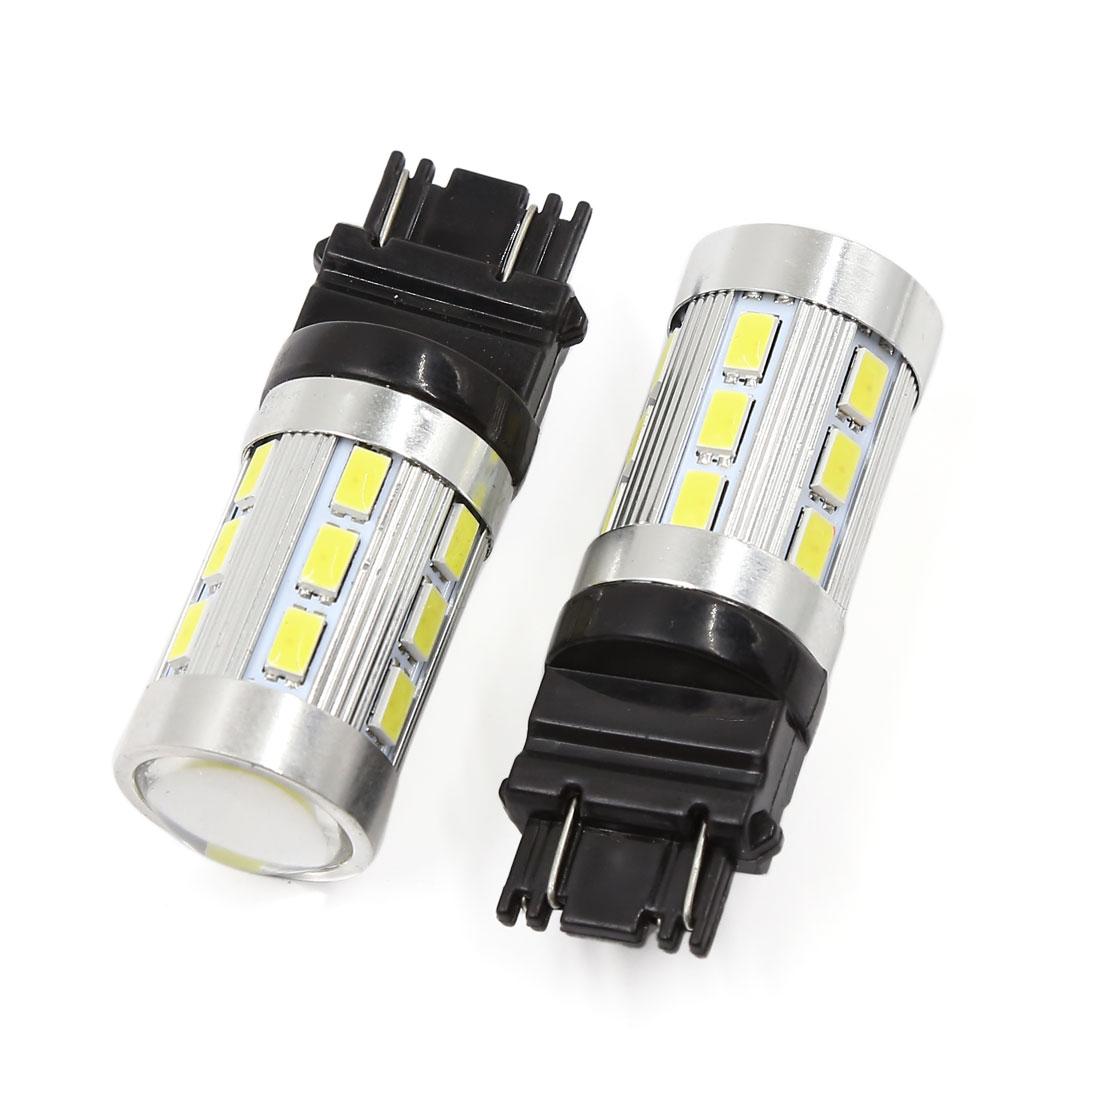 2 Pcs 3157 Dual Color Red White 24-LED Car Turn Signal Tail Parking Light Bulb